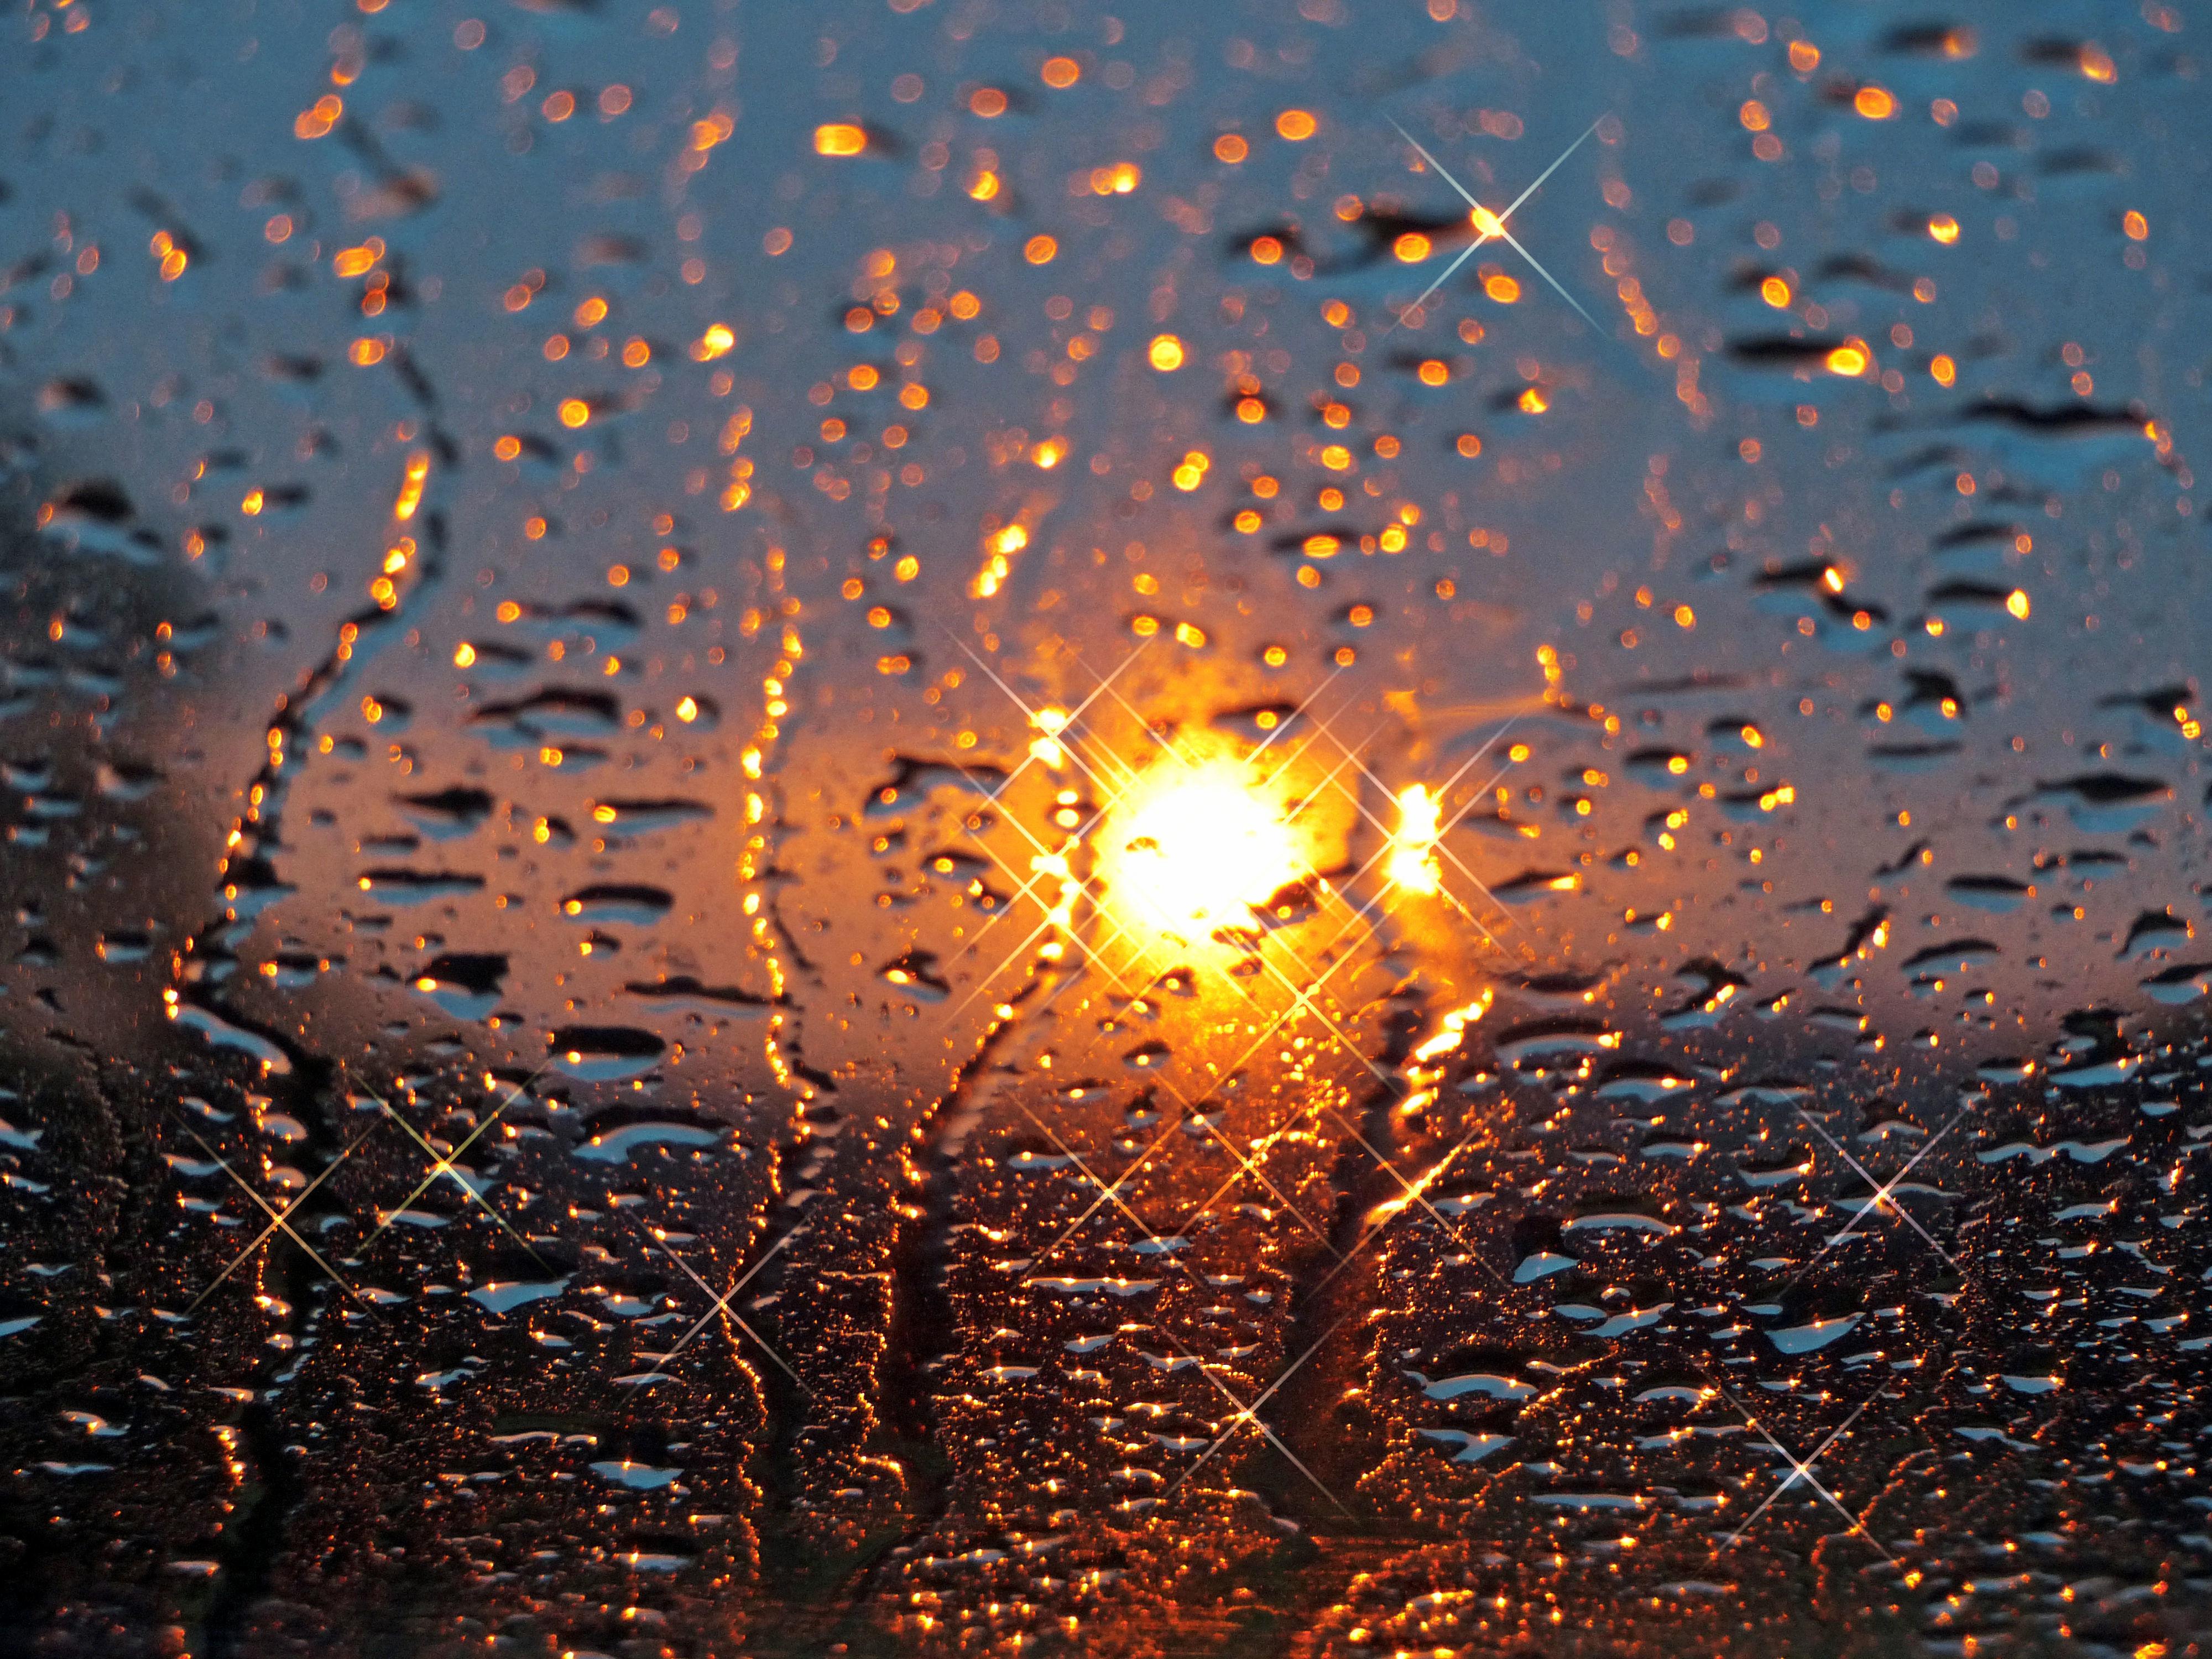 красивые картинки дождя на стекле найти удачное